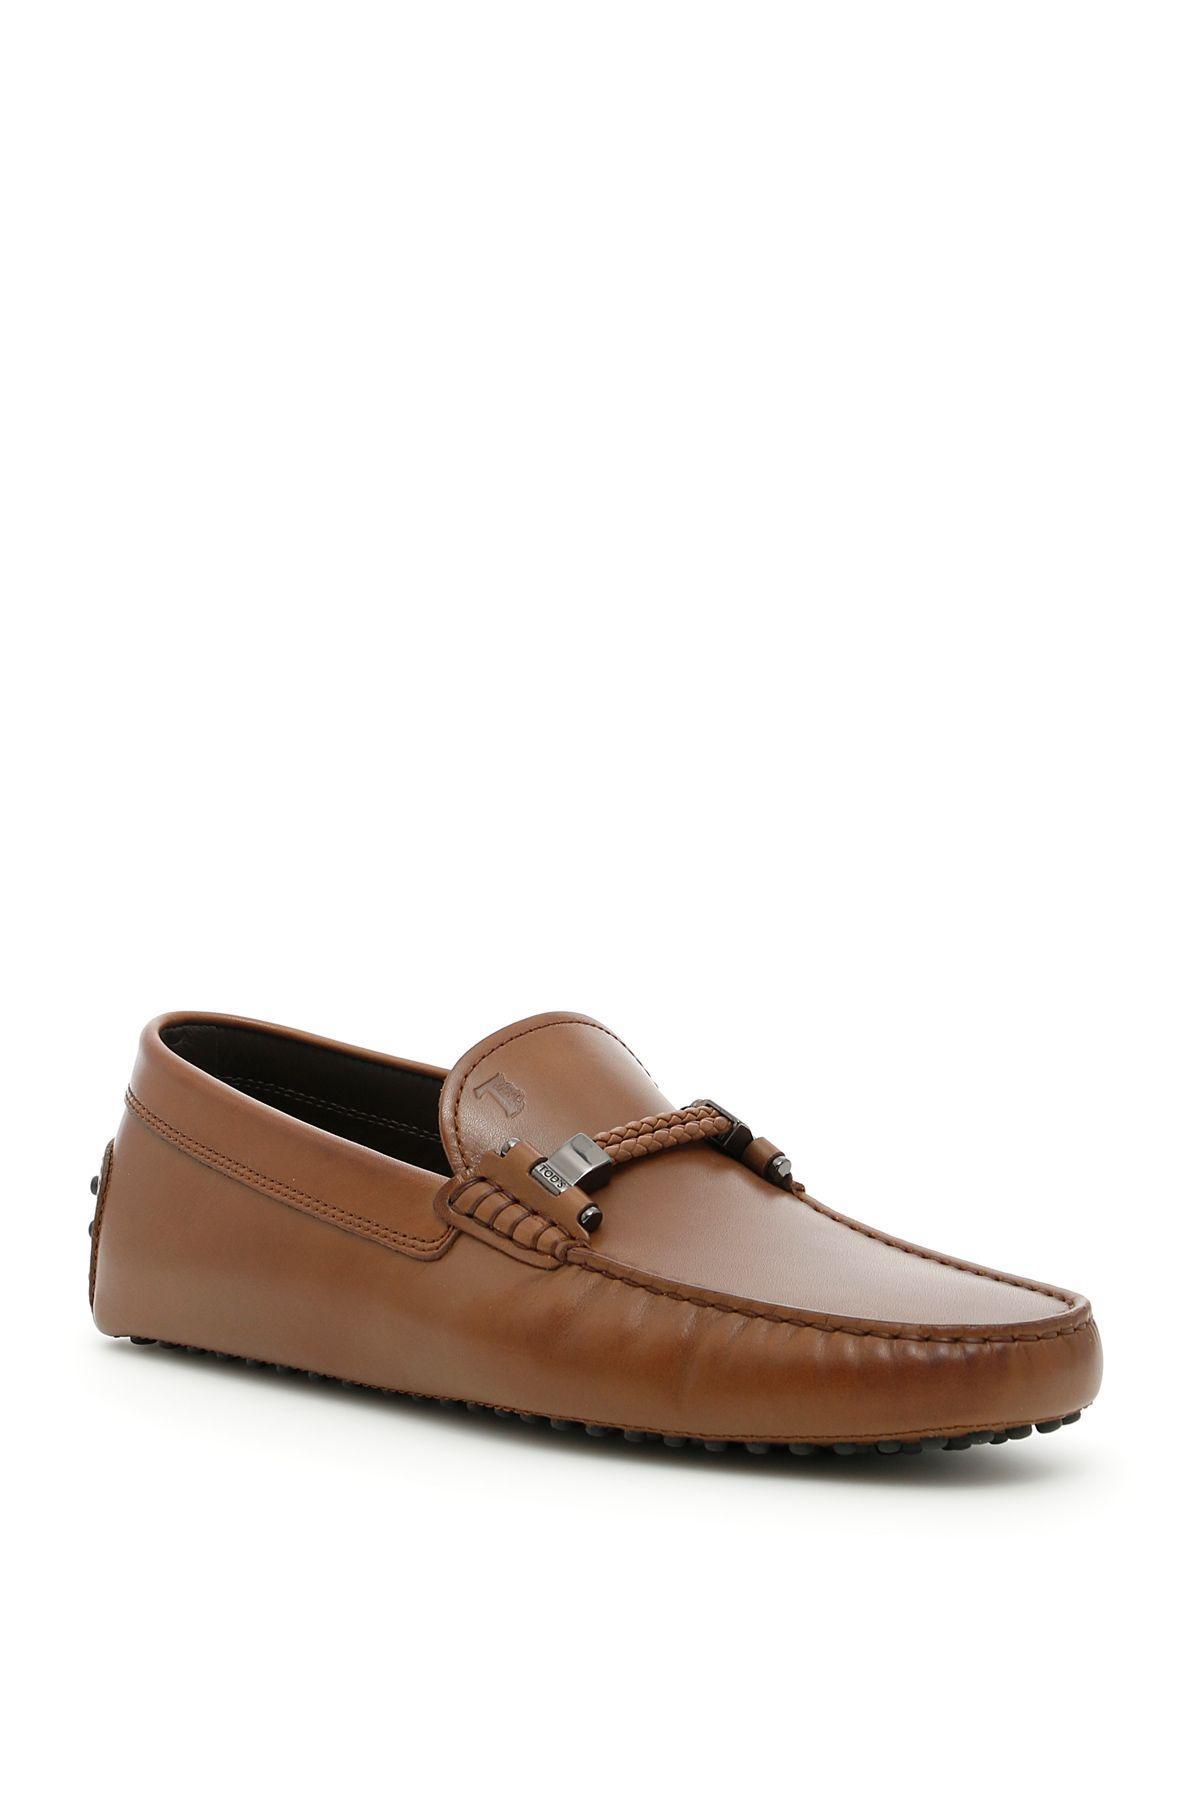 Tod's Scooby Loafers In Marronemarrone